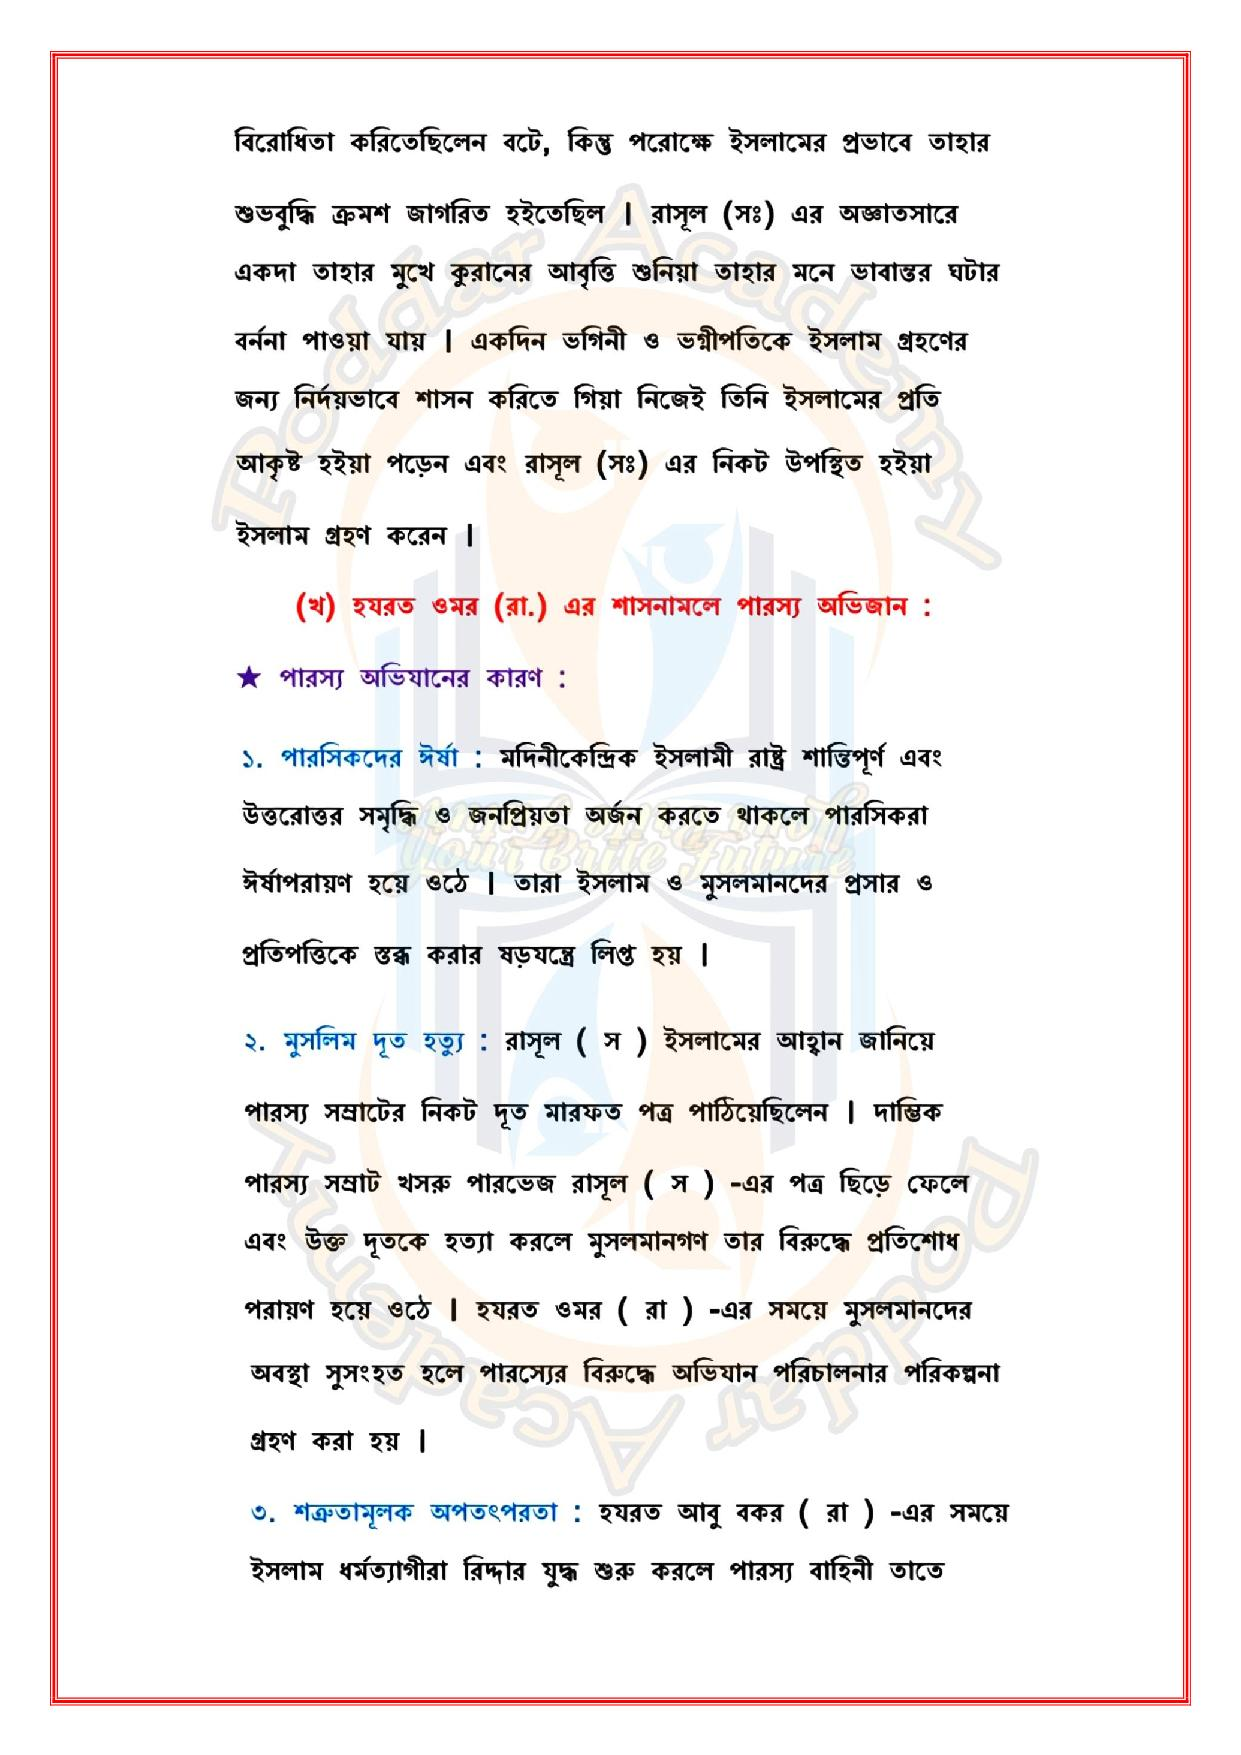 Alim (hsc) পরিক্ষার্থী ২০২১ এর ইসলামের ইতিহাস ৭ম সপ্তাহের অ্যাসাইনমেন্ট উত্তর / সমাধান ২০২১, হযরত ওমর (রা.) এর বিজয়াভিযান এবং শাসনব্যবস্থা:একটি পর্যালোচনা  https://www.banglanewsexpress.com/